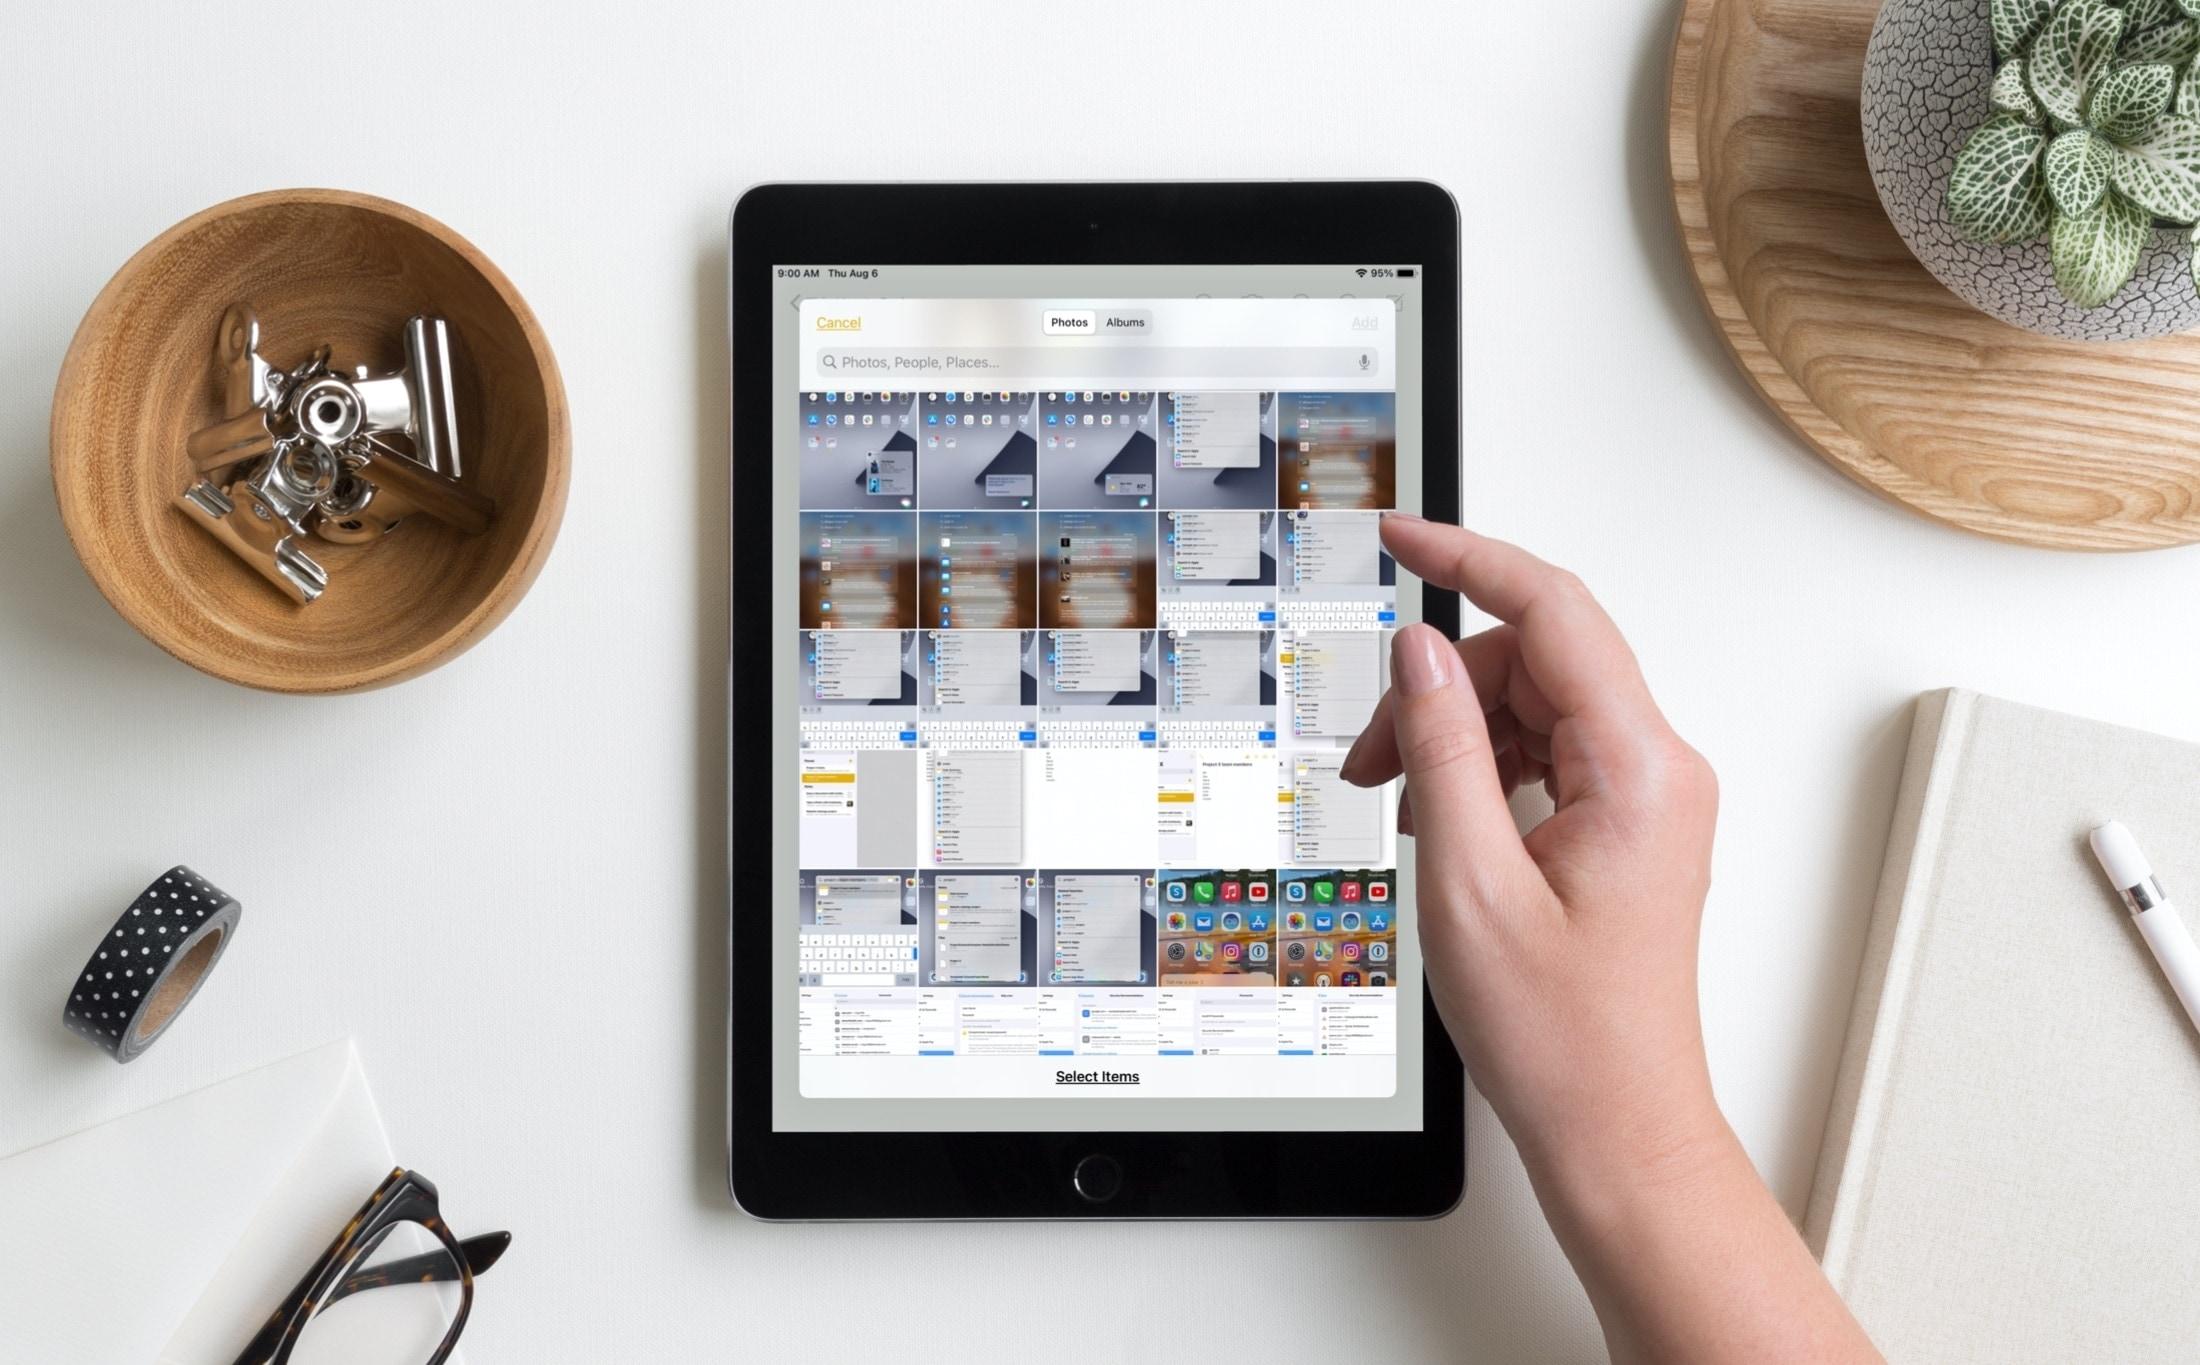 Enhanced Image Picker on iPad